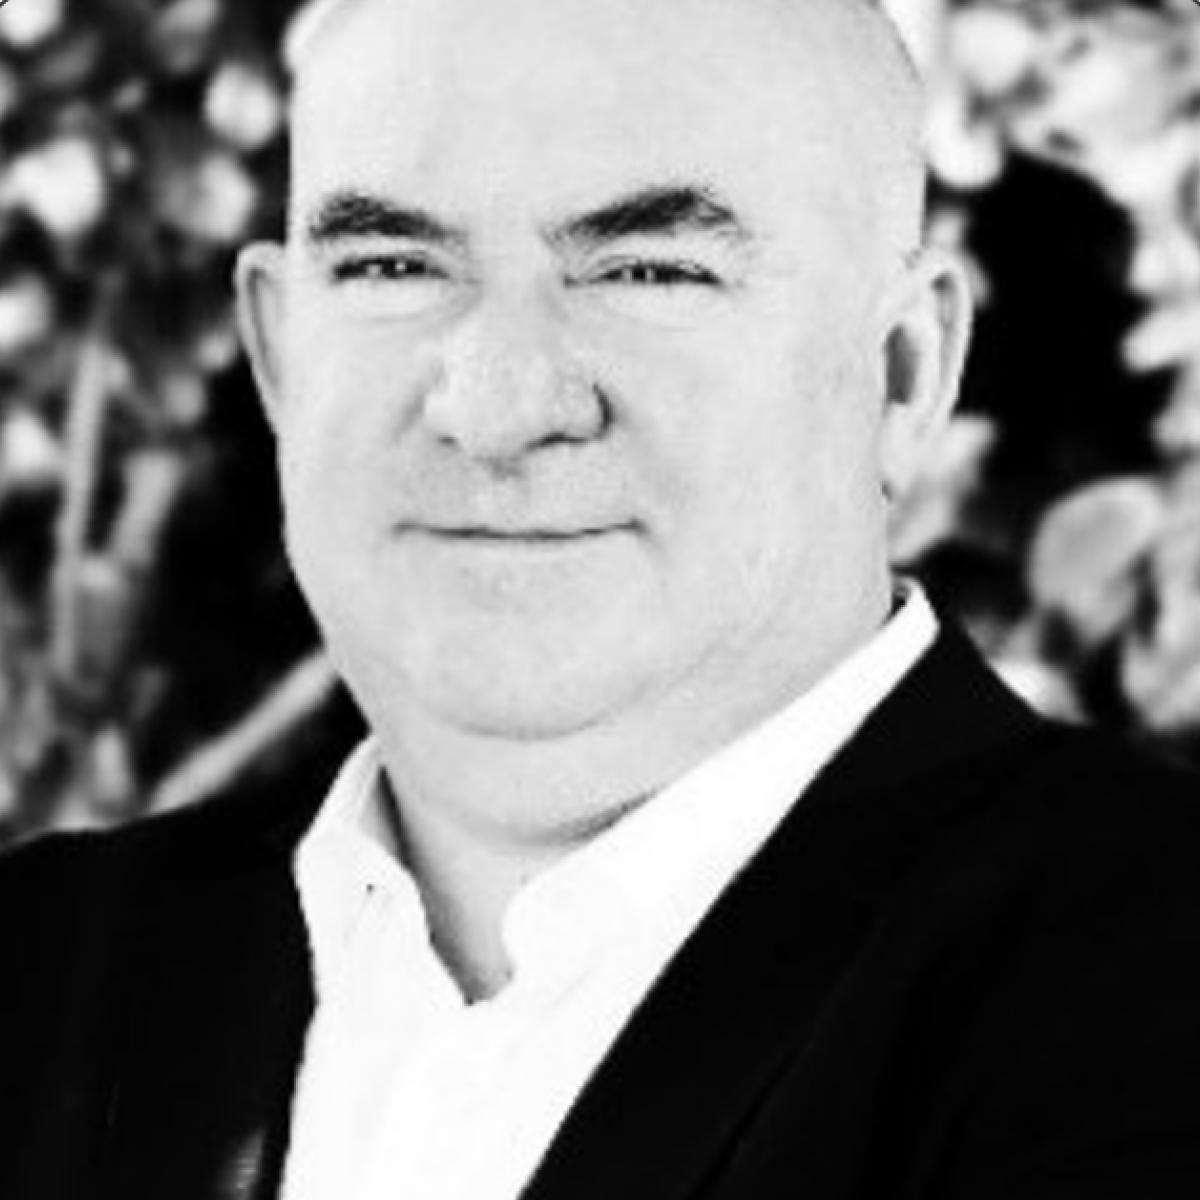 Hervé Cloarec